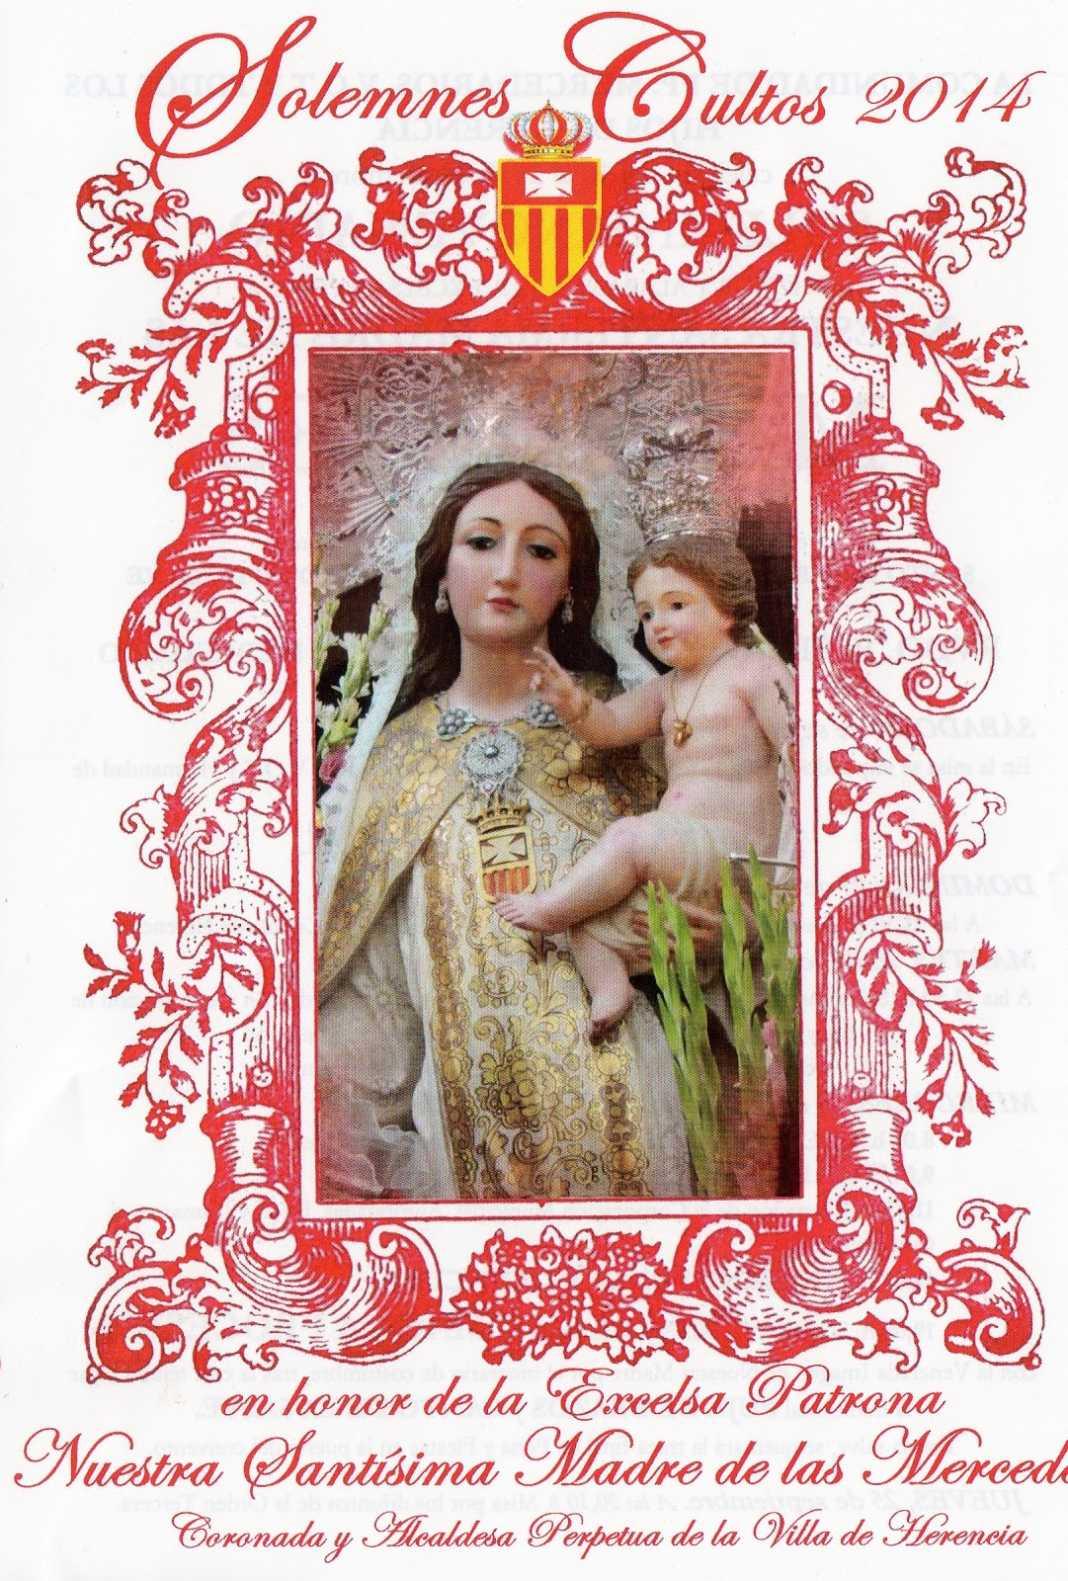 Actos en honor a la Virgen de las Mercedes 1